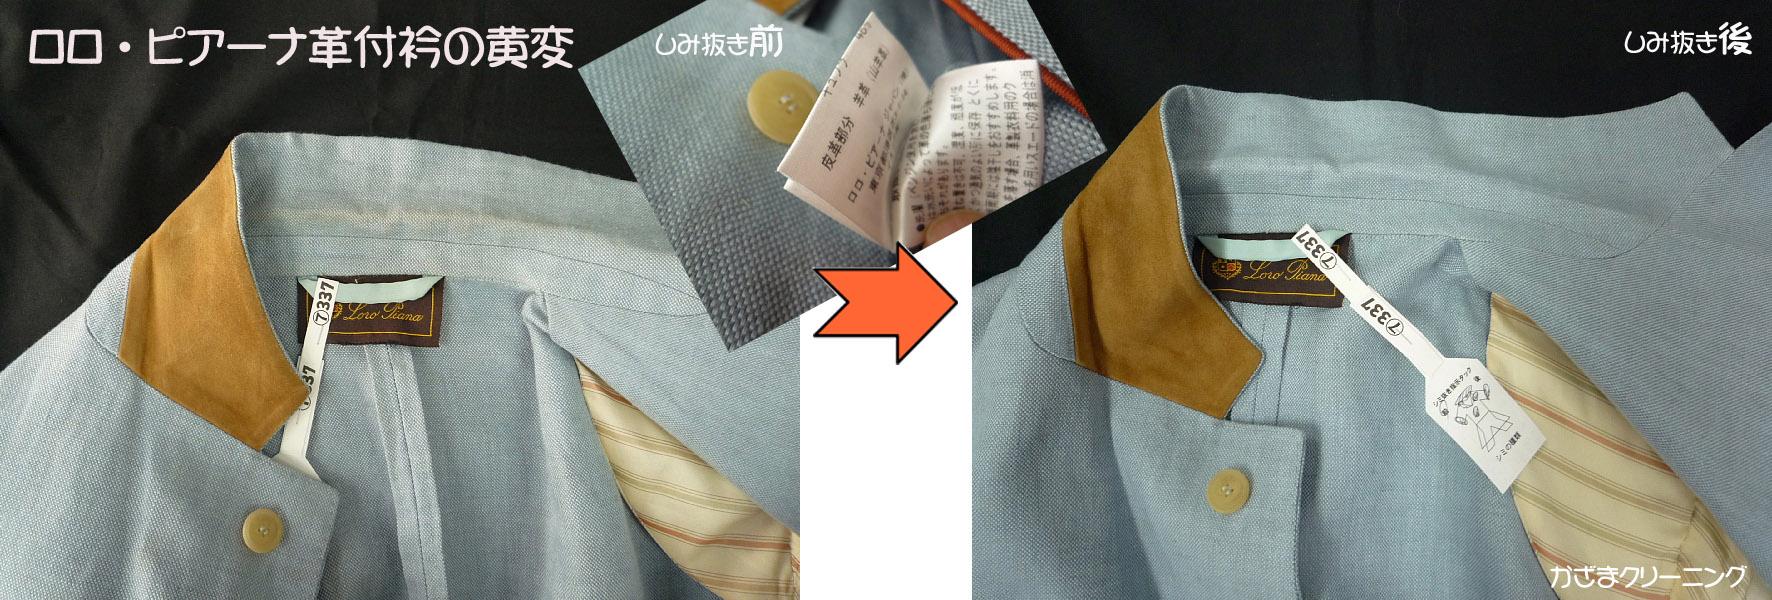 黄変した衿の染み抜き・復元加工